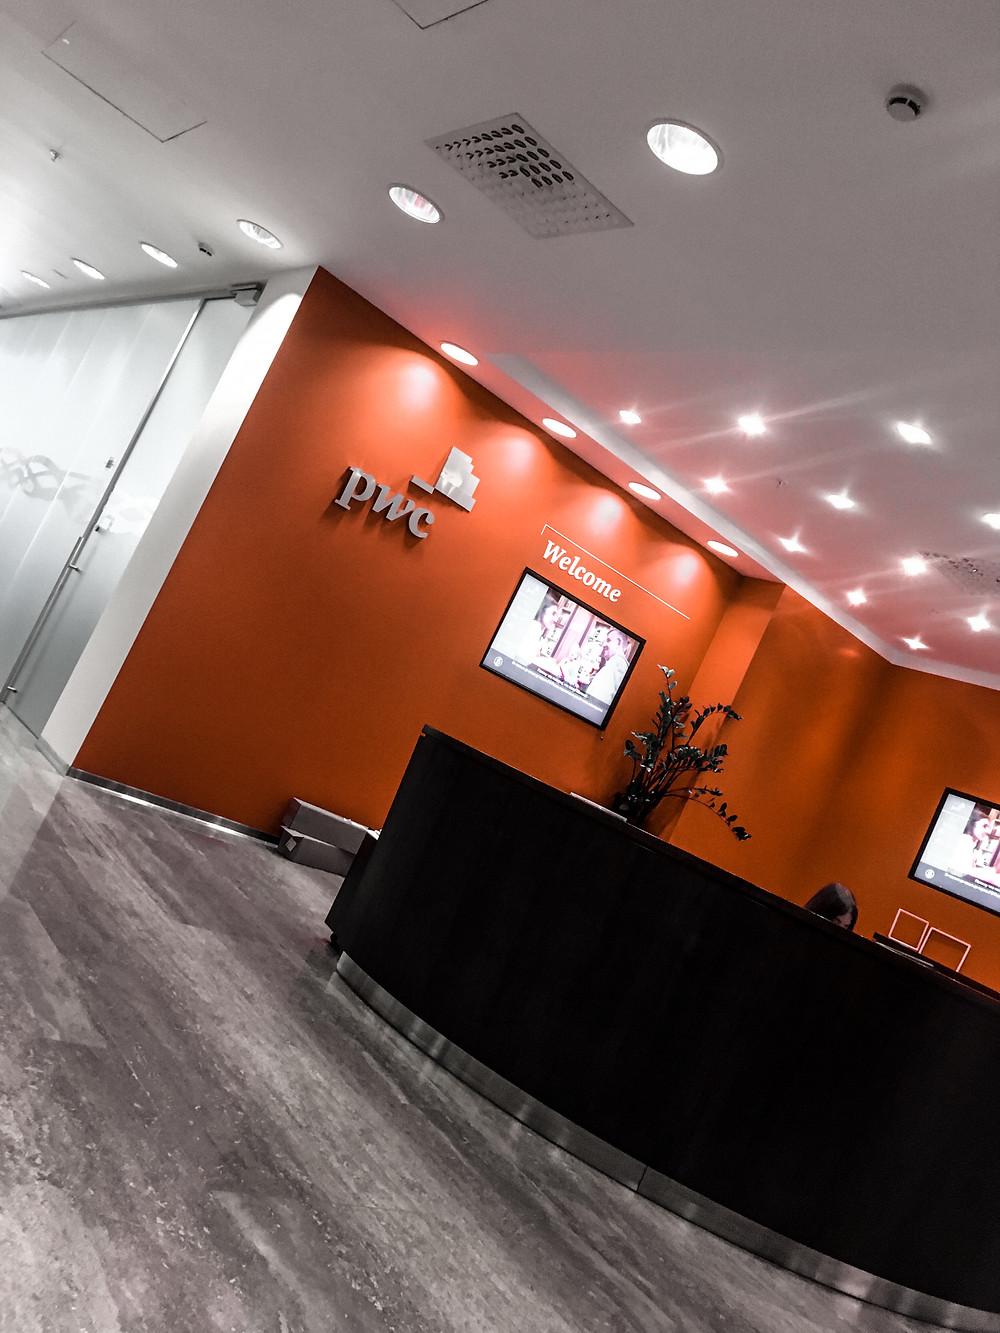 Офис «PwC» занимает несколько этажей БЦ «Белая площадь» на Бутырском валу 10, рядом с Белорусским вокзалом в Москве.